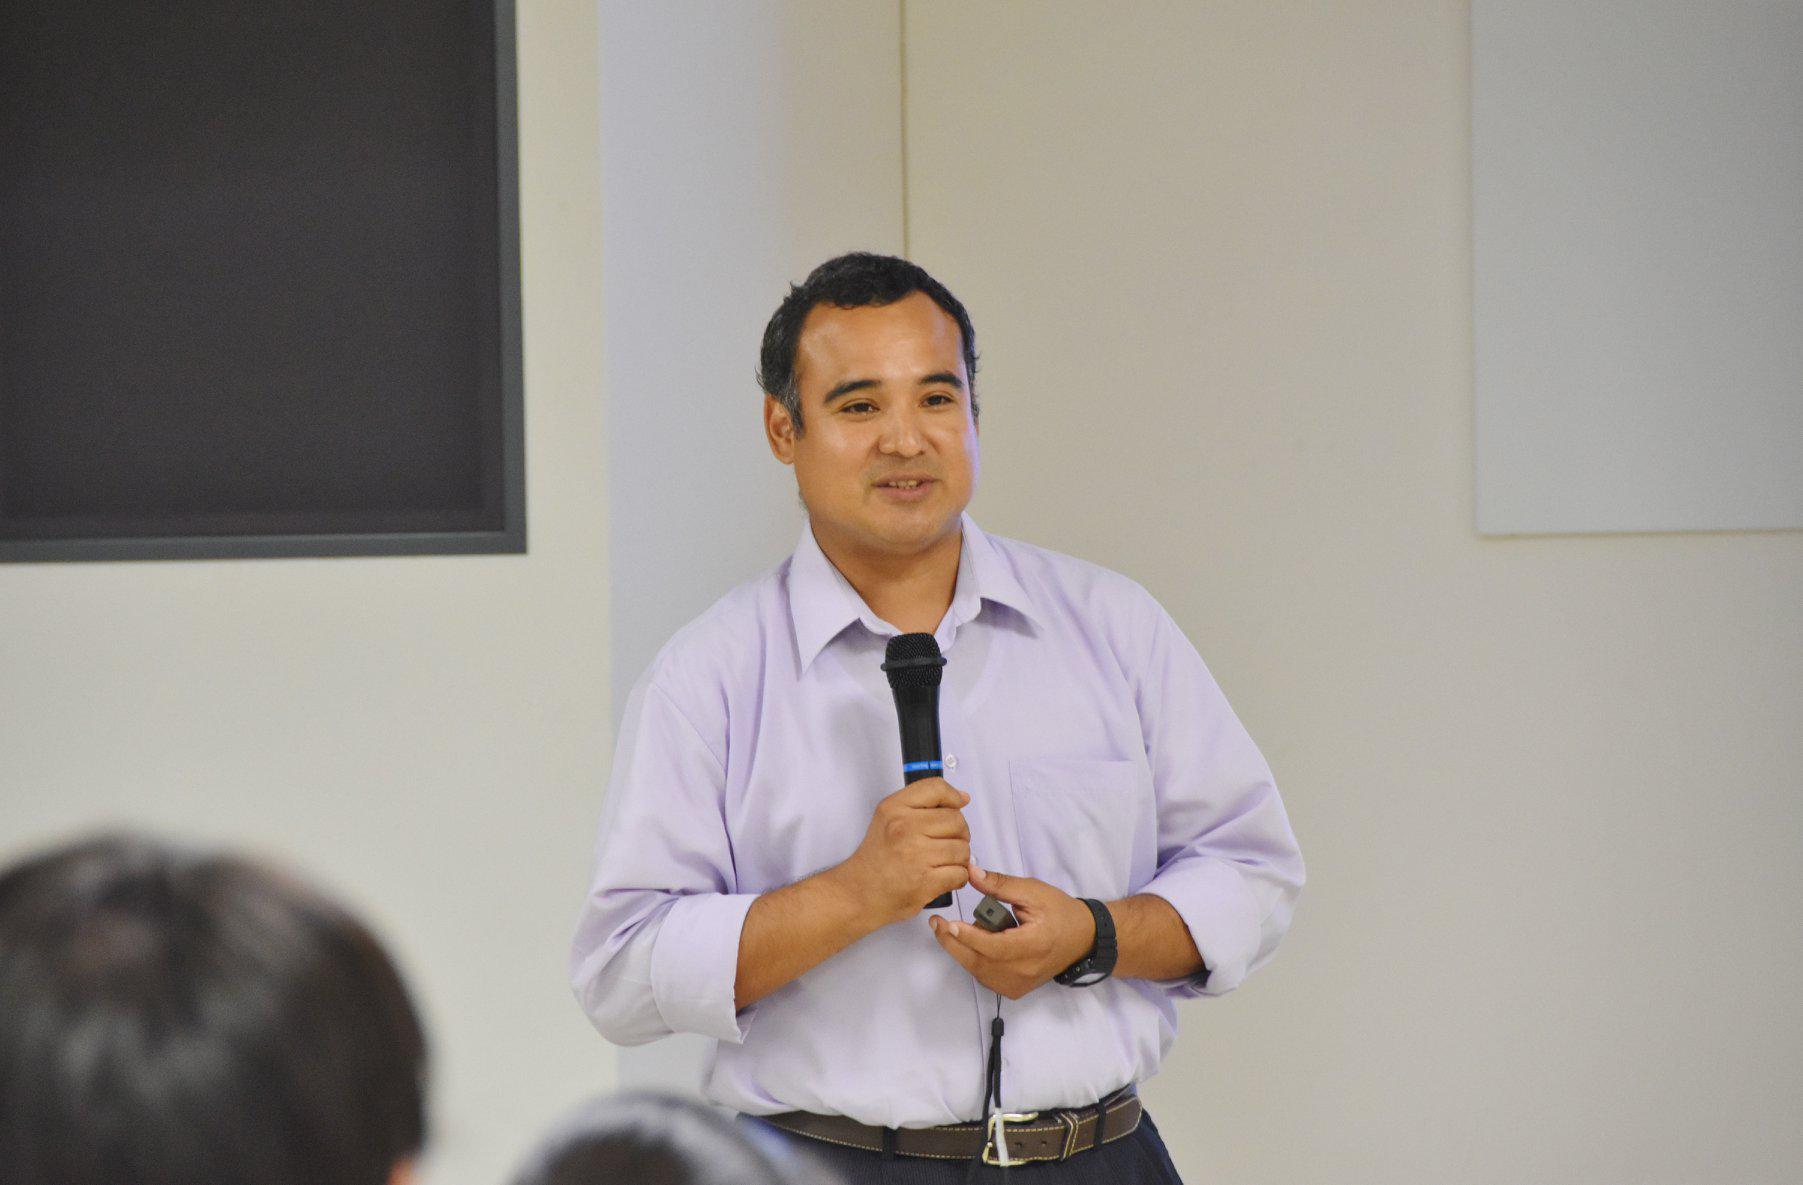 日本赤十字社(千葉県支部) 成田赤十字病院で ランゲージワンのカブレホス・セサル社員が「外国人とのコミュニケーションと医療通訳」について講演いたしました